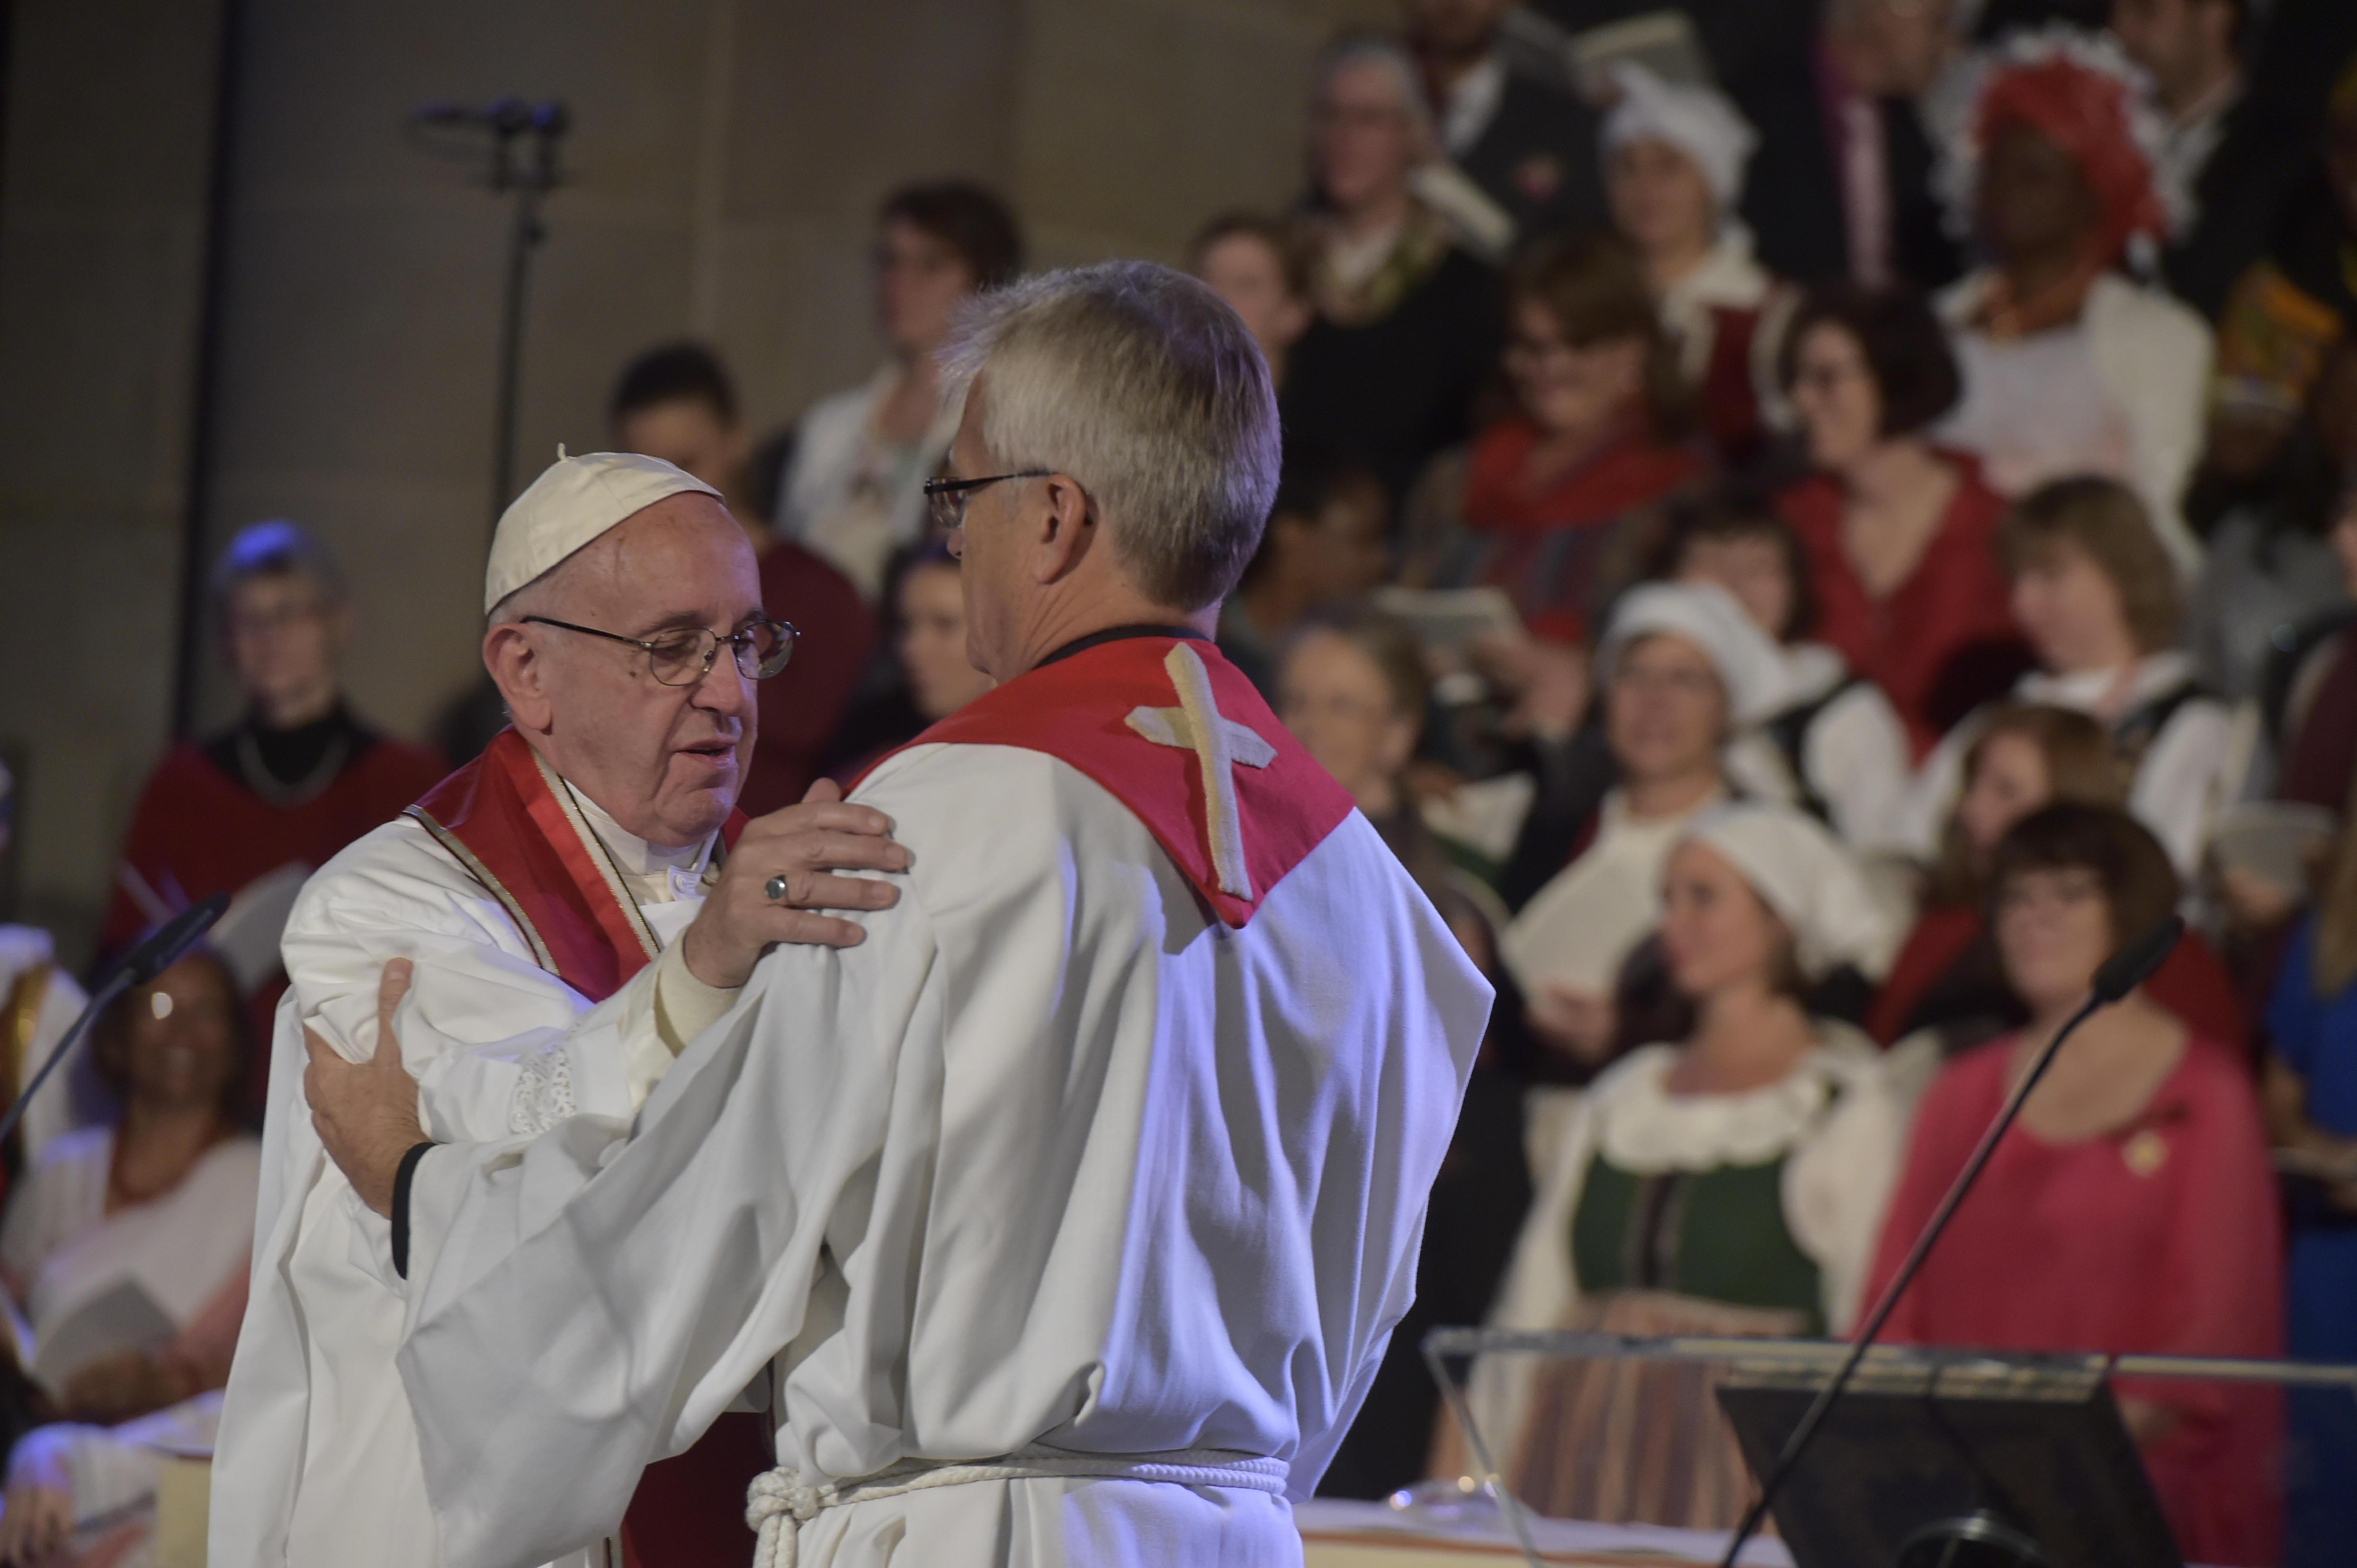 Célébration oecuménique pour les 500 ans de la Réforme à Lund © L'Osservatore Romano